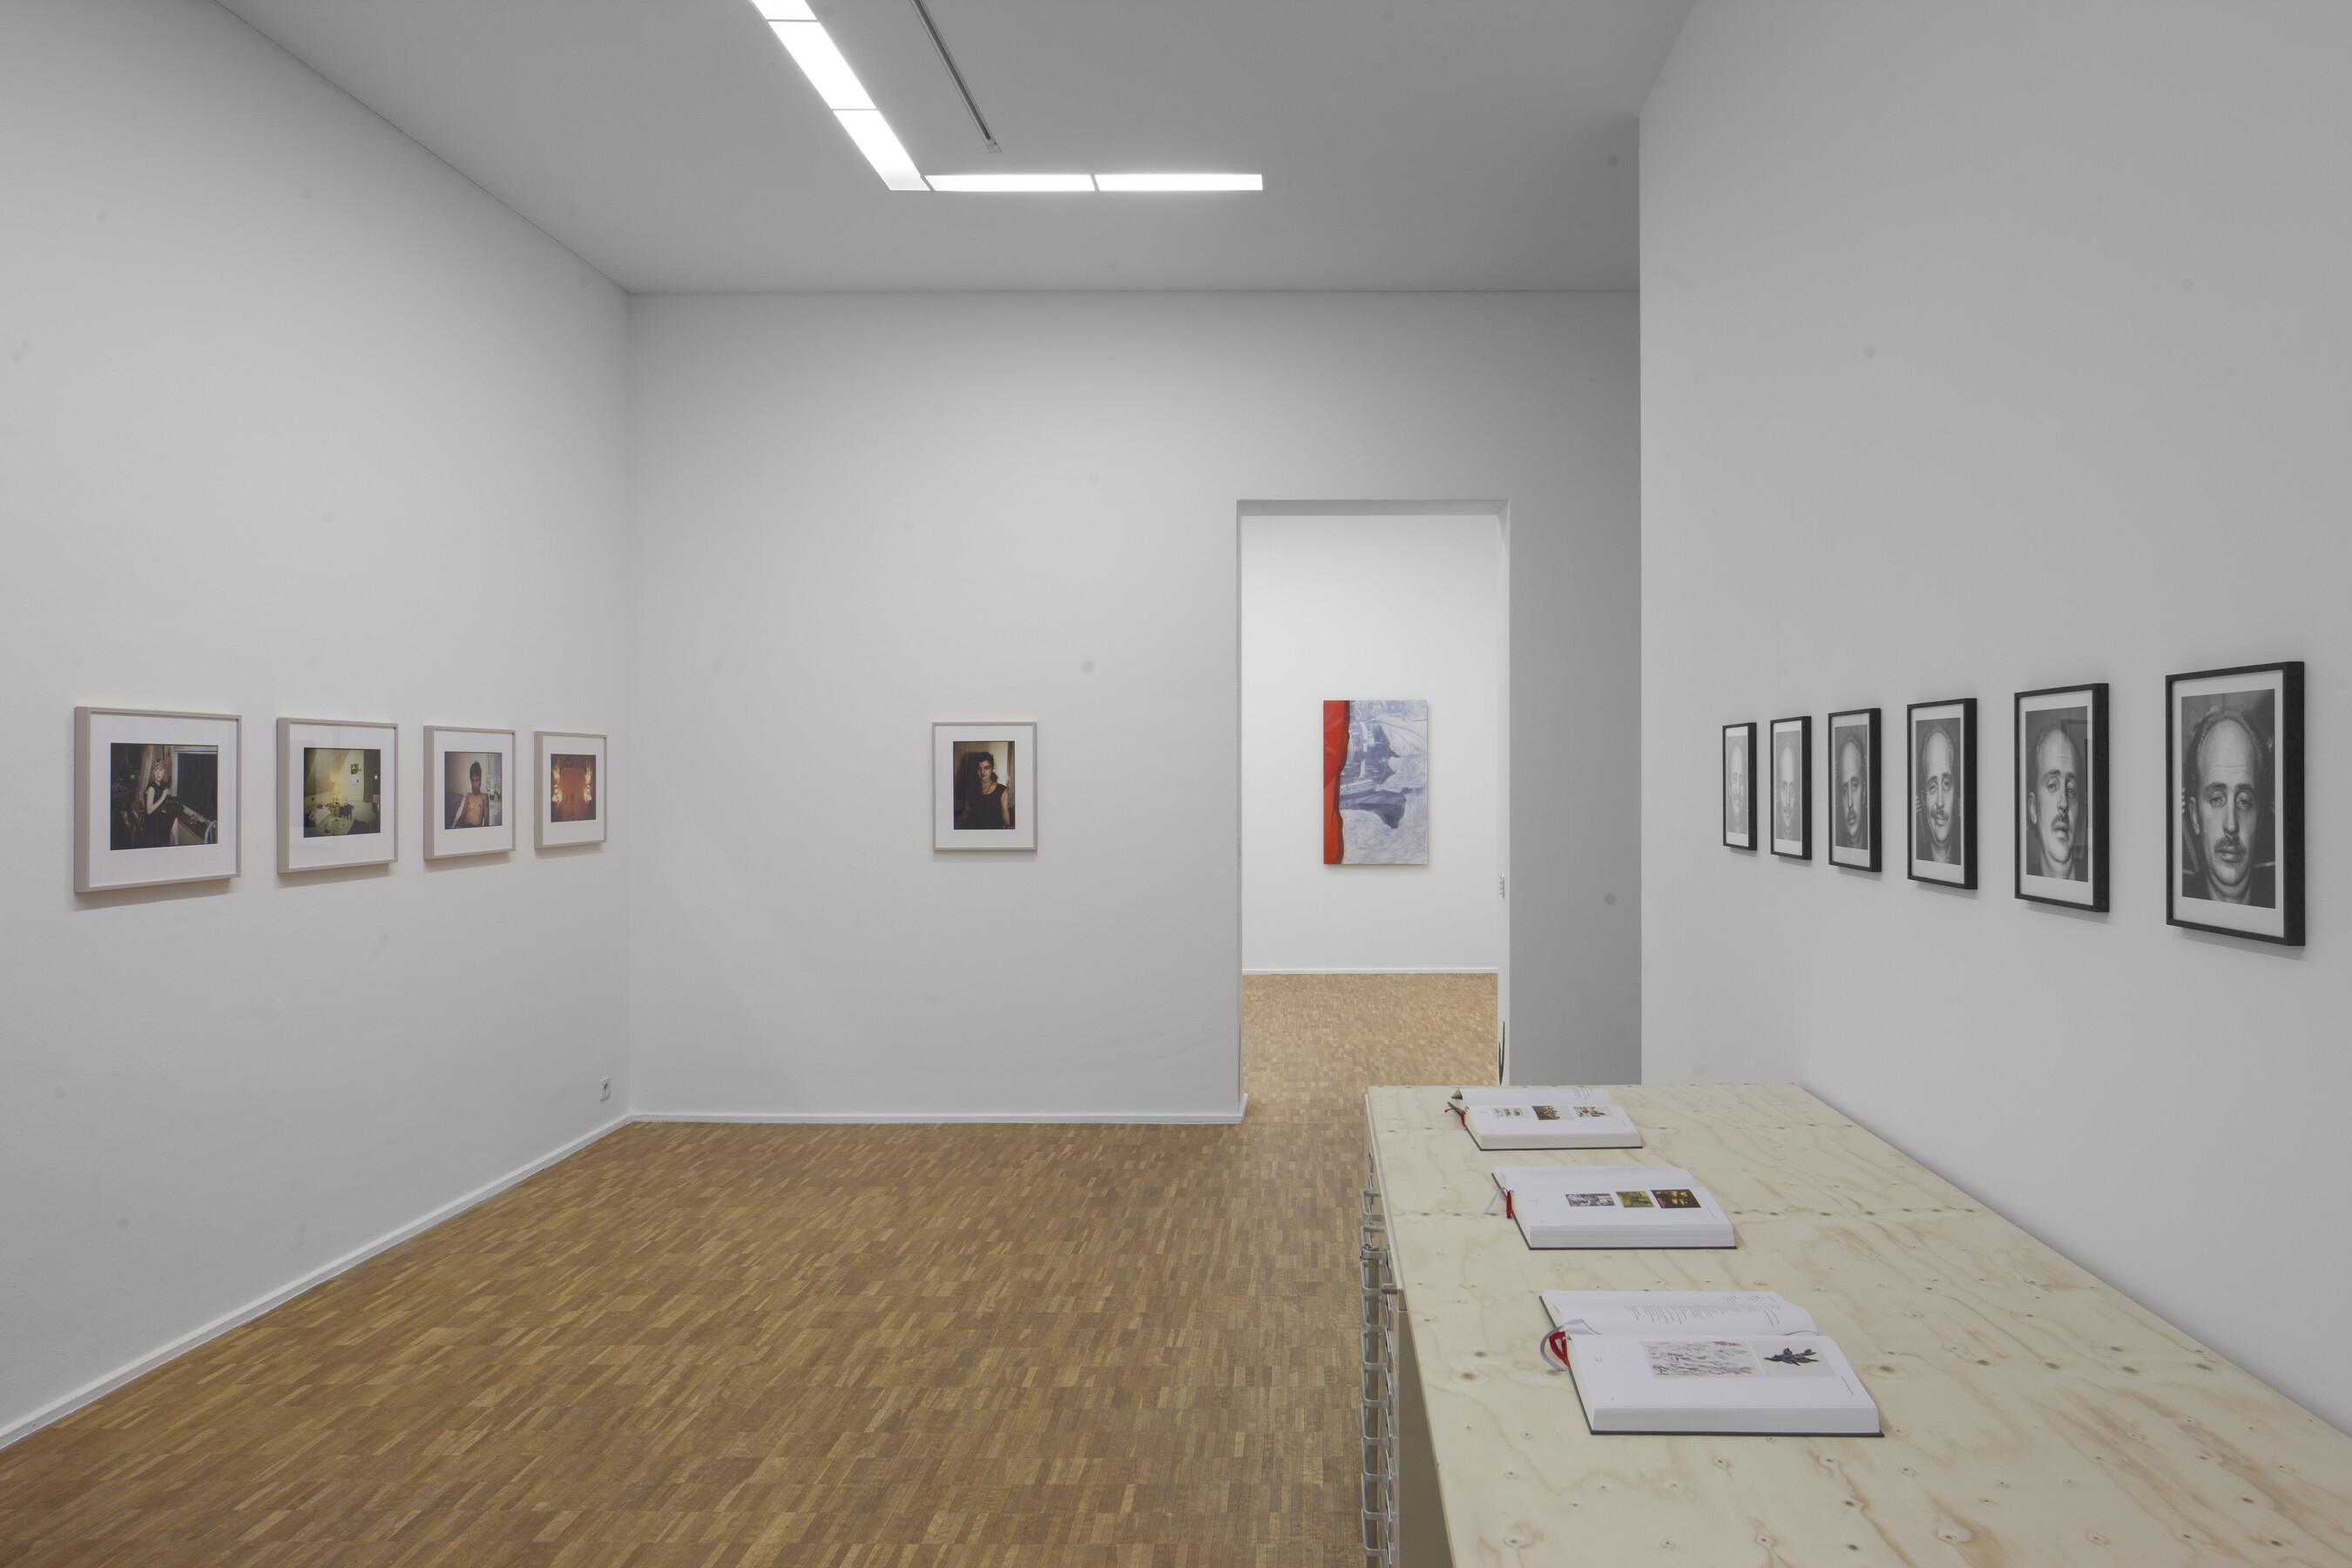 The Present Order - Zweiter Teil, photo: Wenzel Stählin